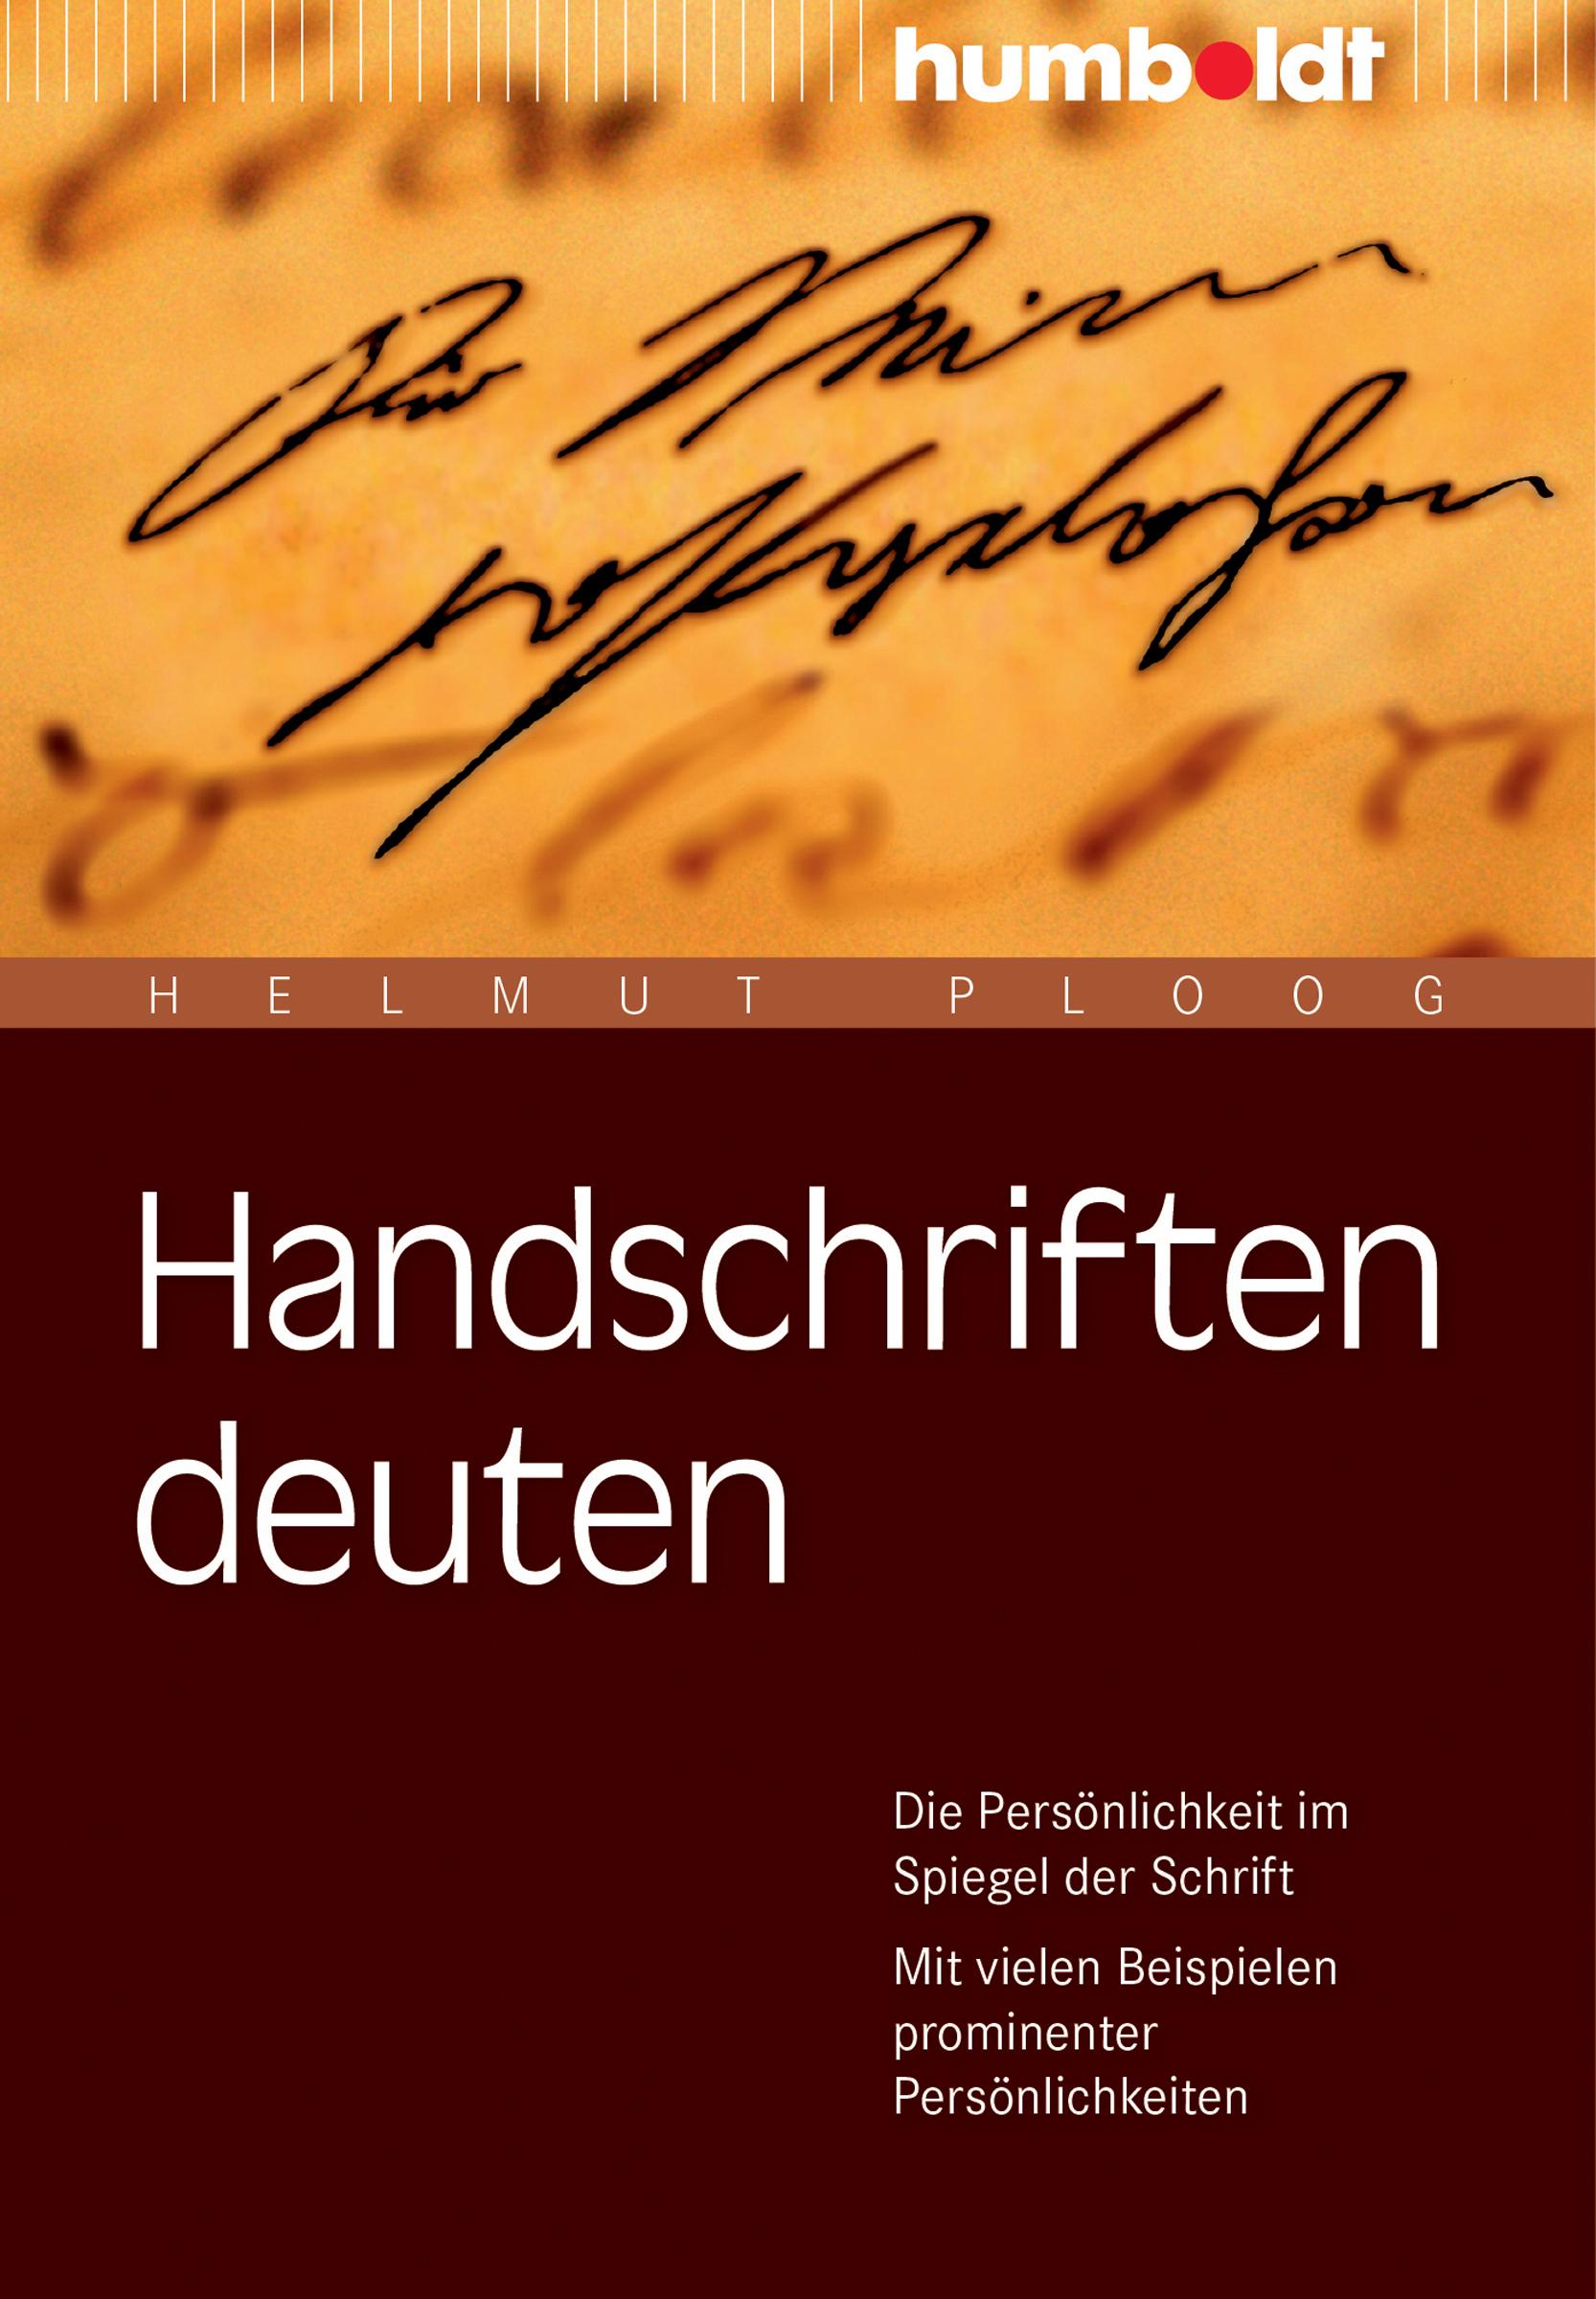 Handschriften deuten Helmut Ploog